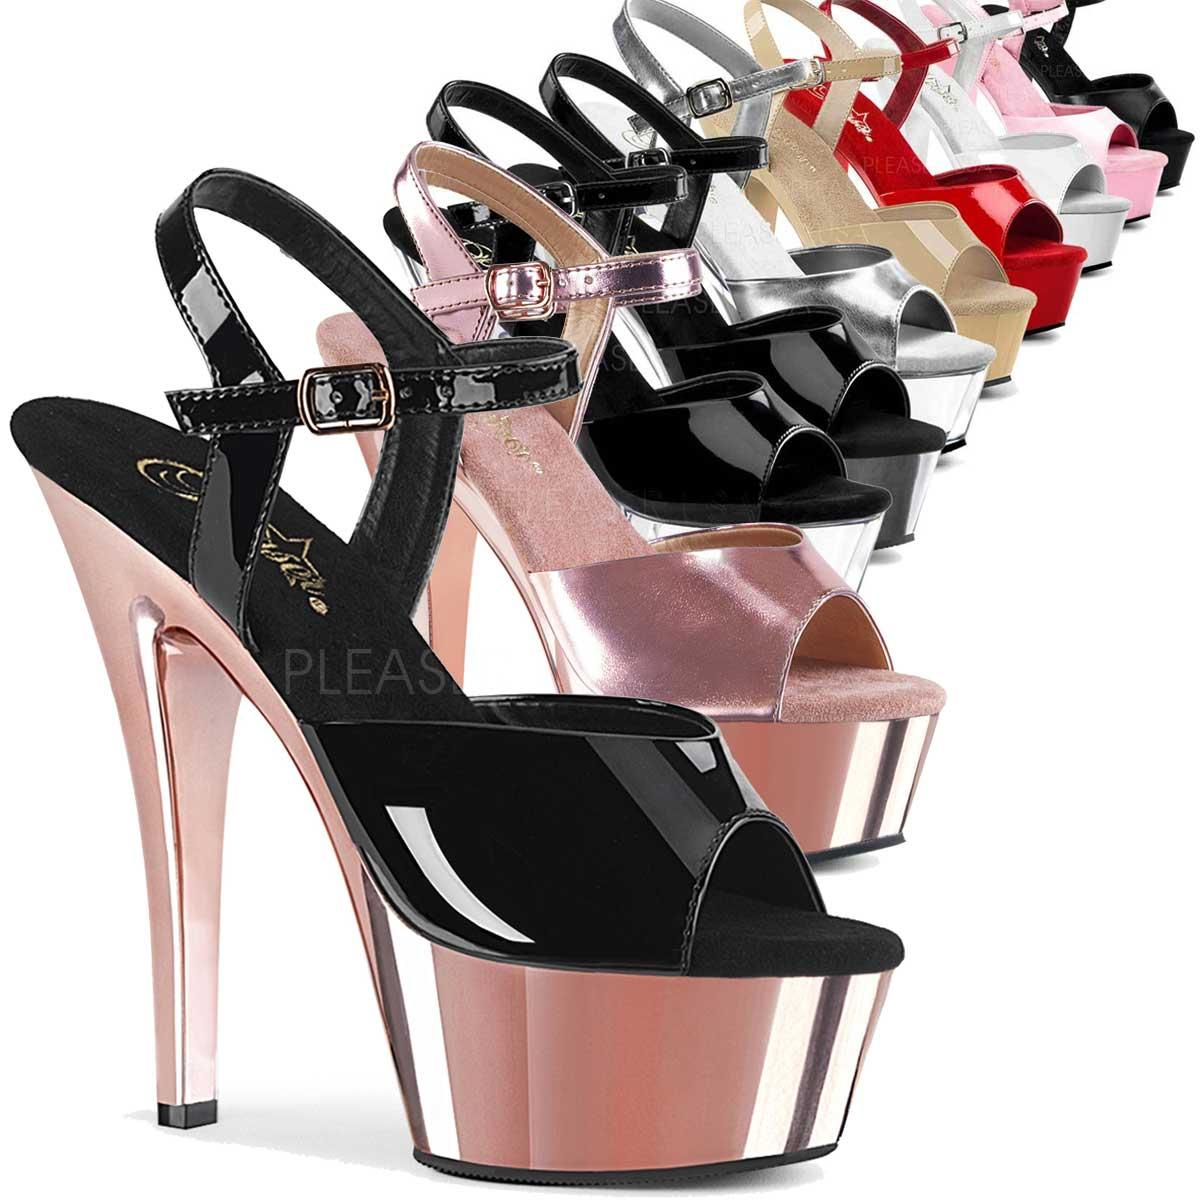 1412e192664 Pleaser Shoes